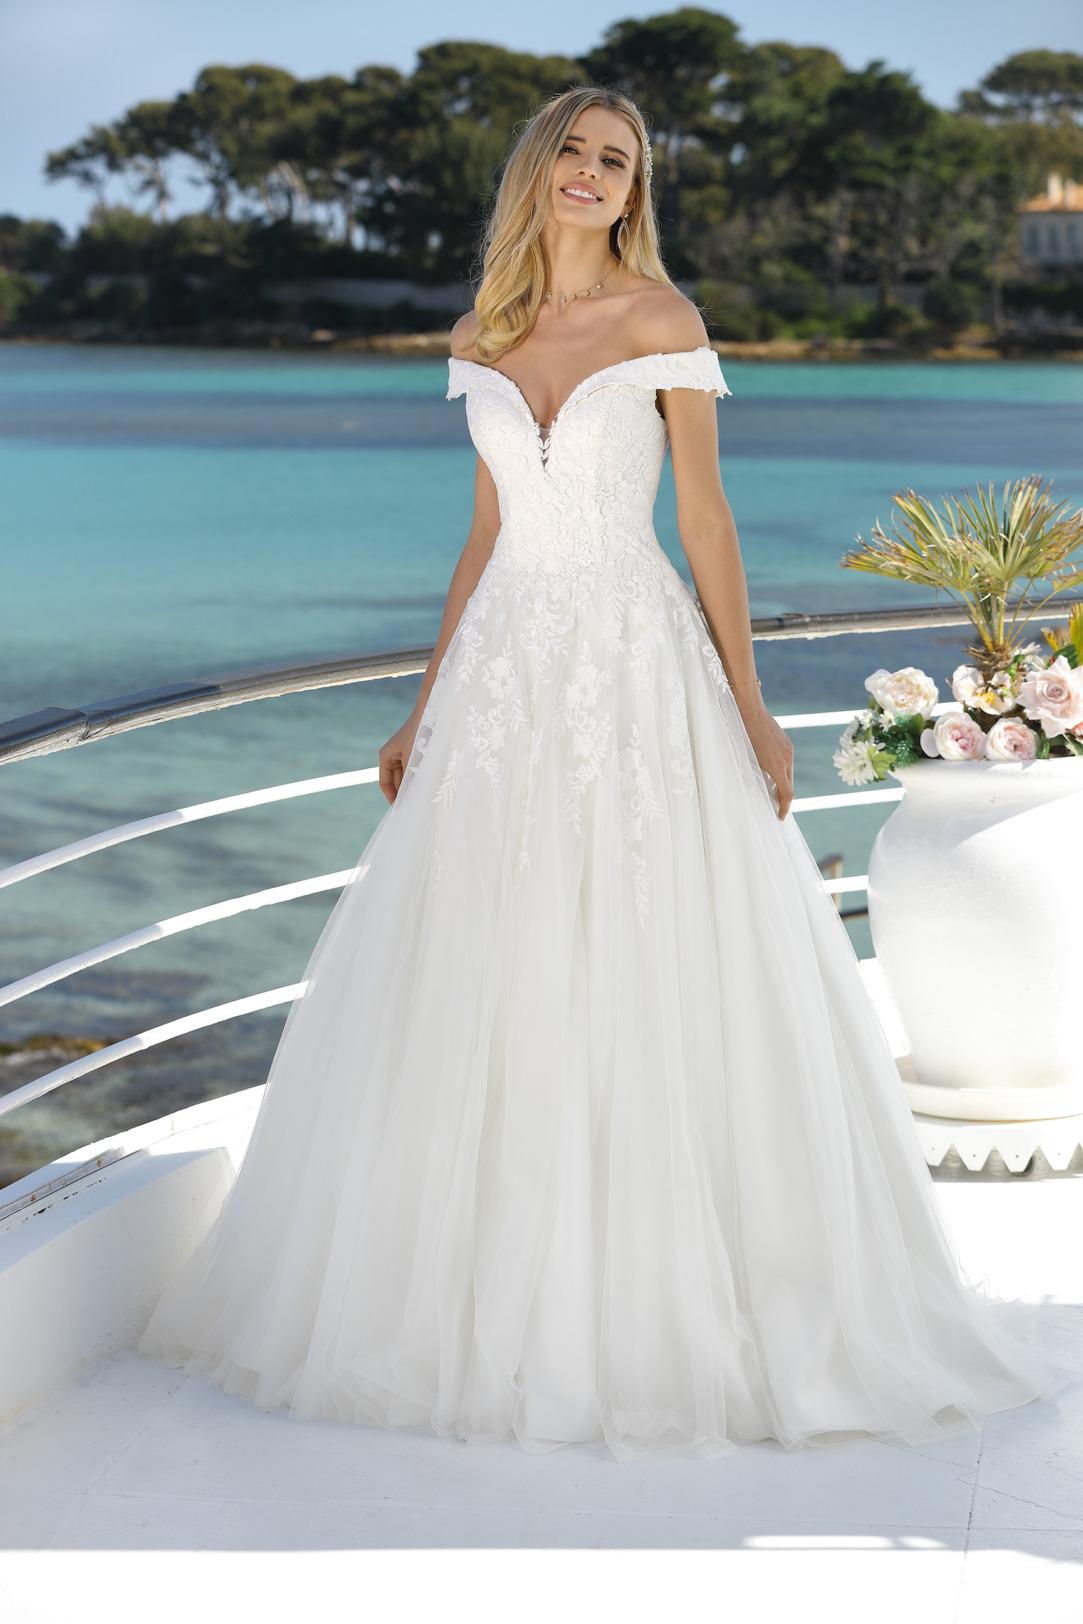 Brautkleider Hochzeitskleider in klassischer A Linie von Ladybird Modell 421002 feinsten abfließenden Spitzen Applikationen am Oberteil und Rock mit dekorativem Carmen Ausschnitt und weitem Organza Rock